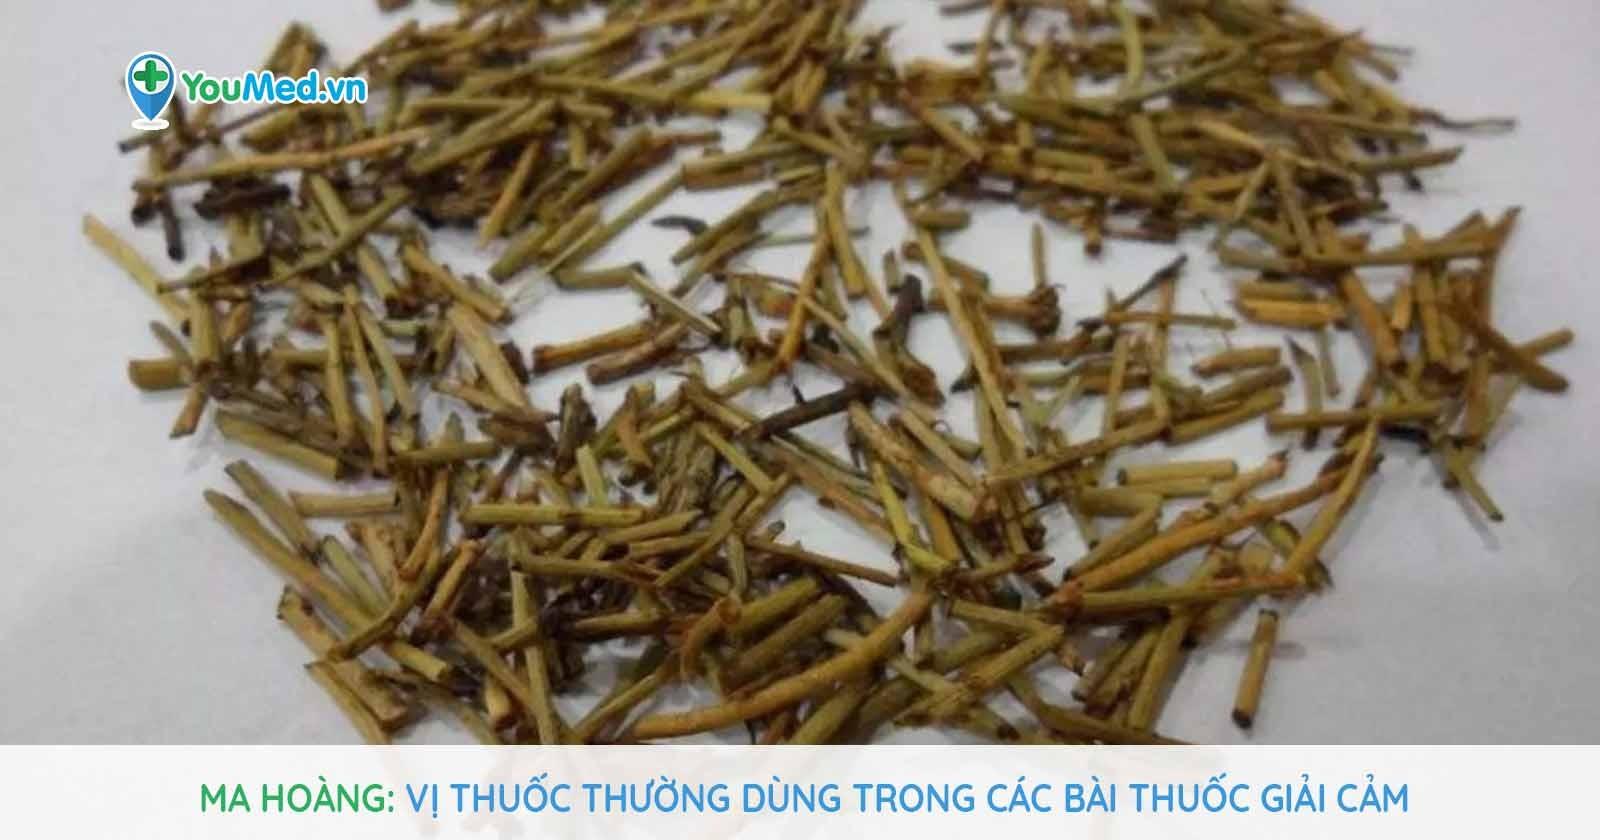 Ma Hoàng: vị thuốc thường dùng trong các bài thuốc giải cảm